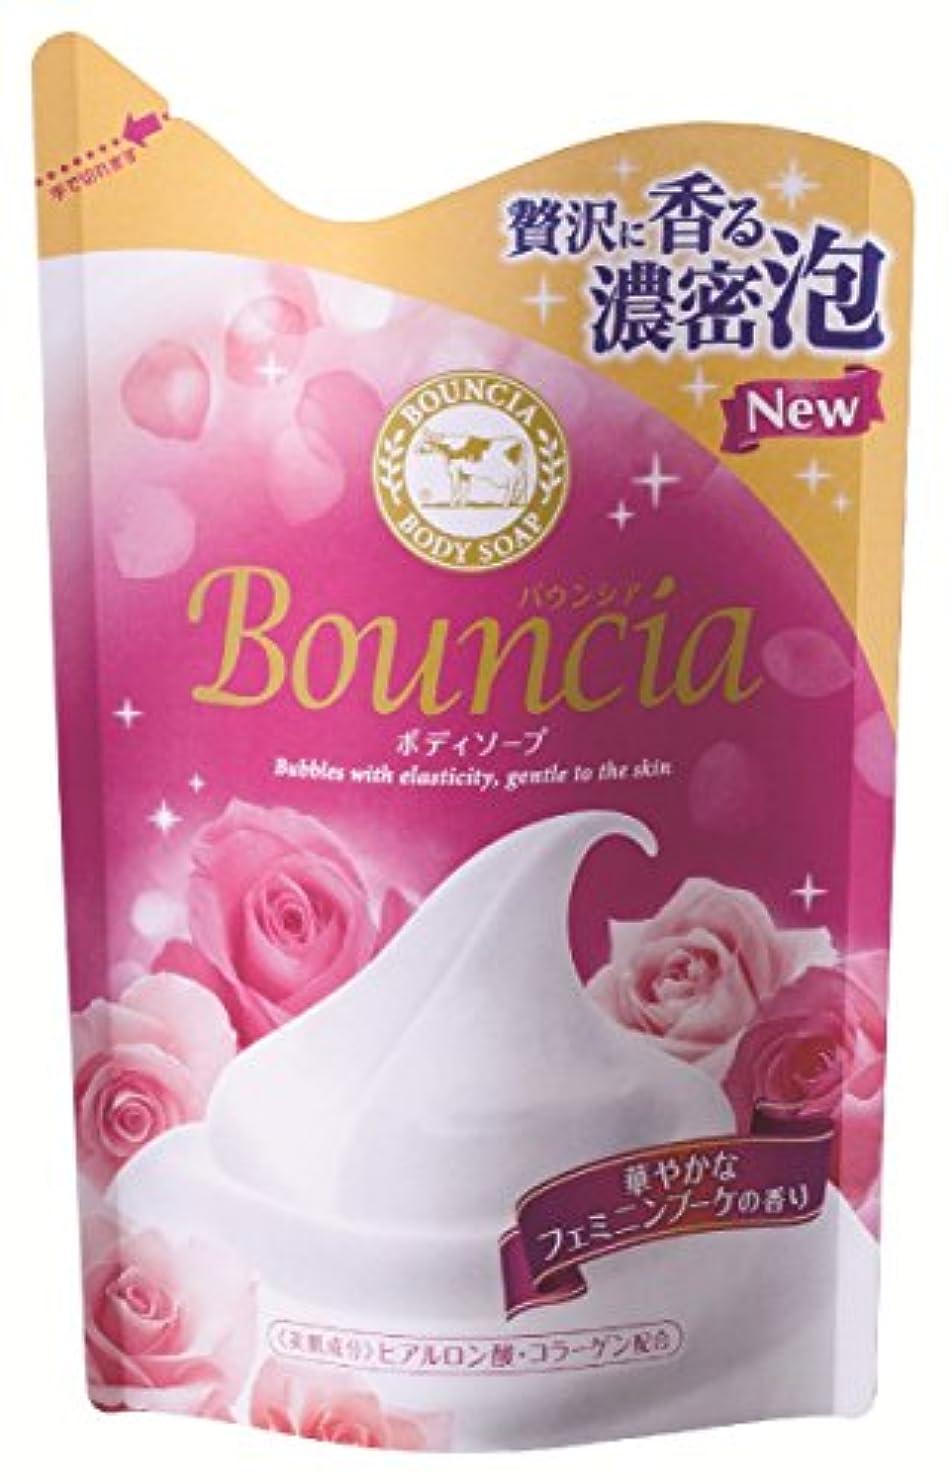 硫黄ニコチンノベルティバウンシアボディソープ フェミニンブーケの香り 詰替用 430mL